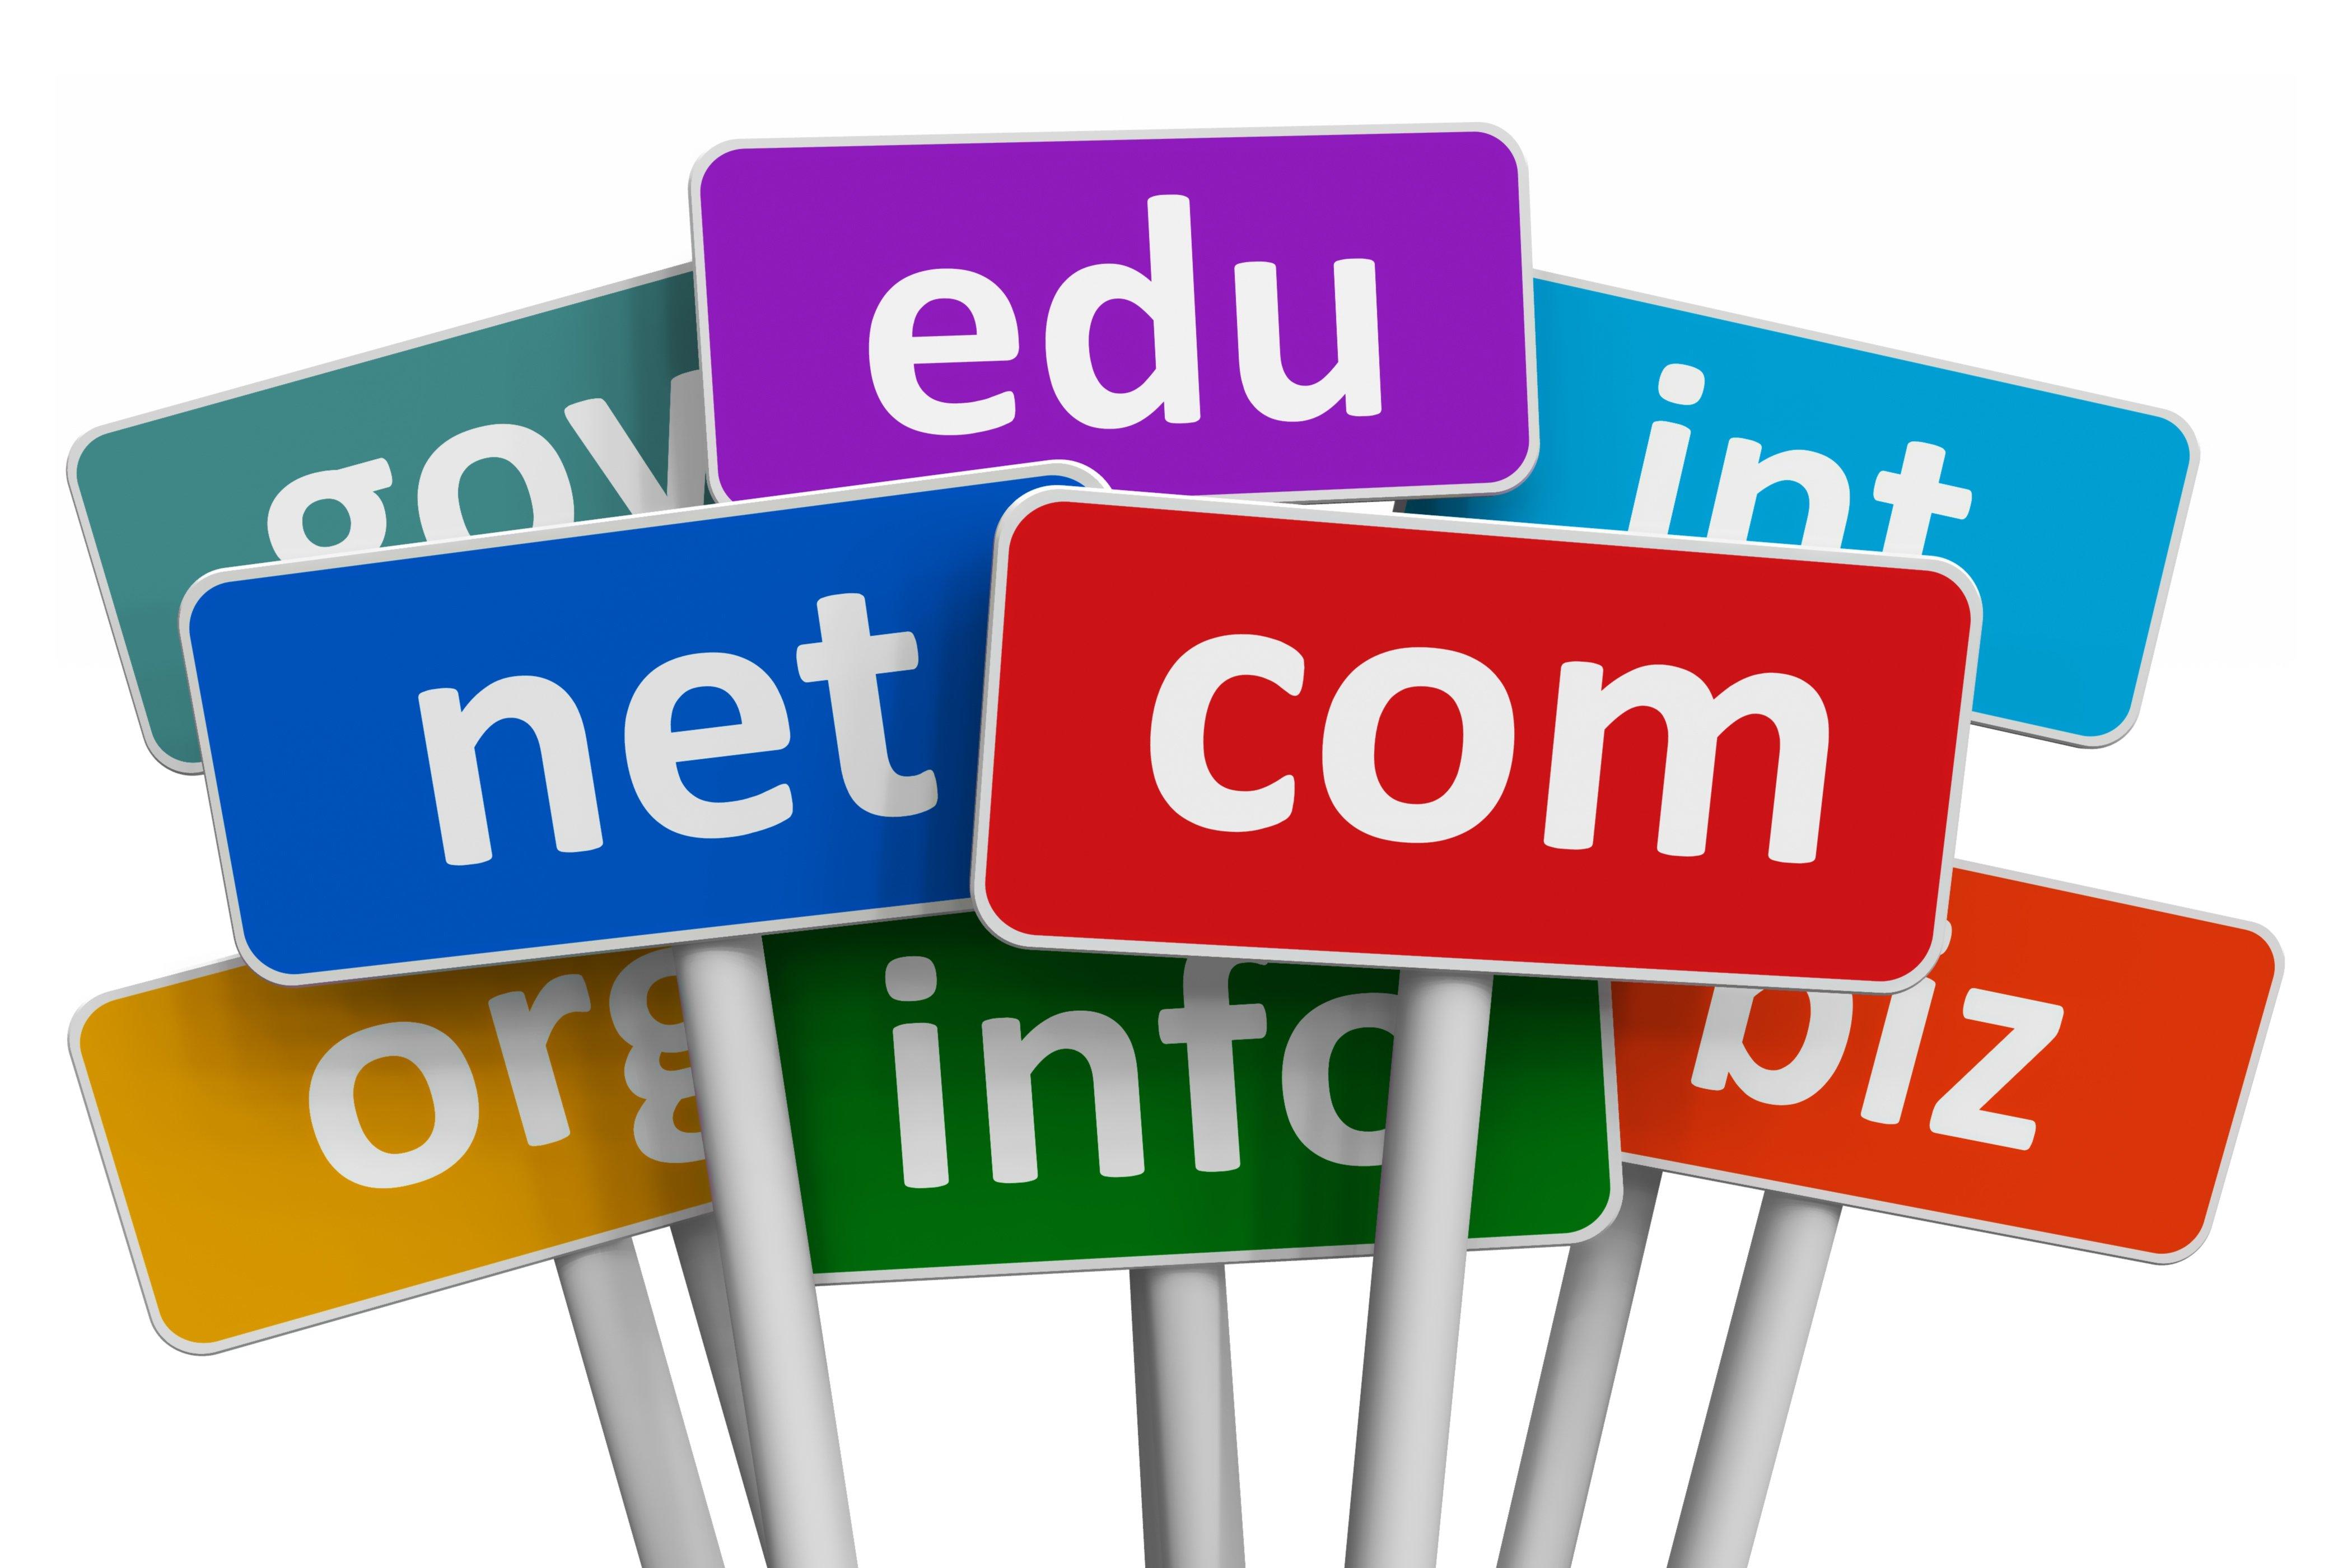 Статус доменного имени. - Изображение 1